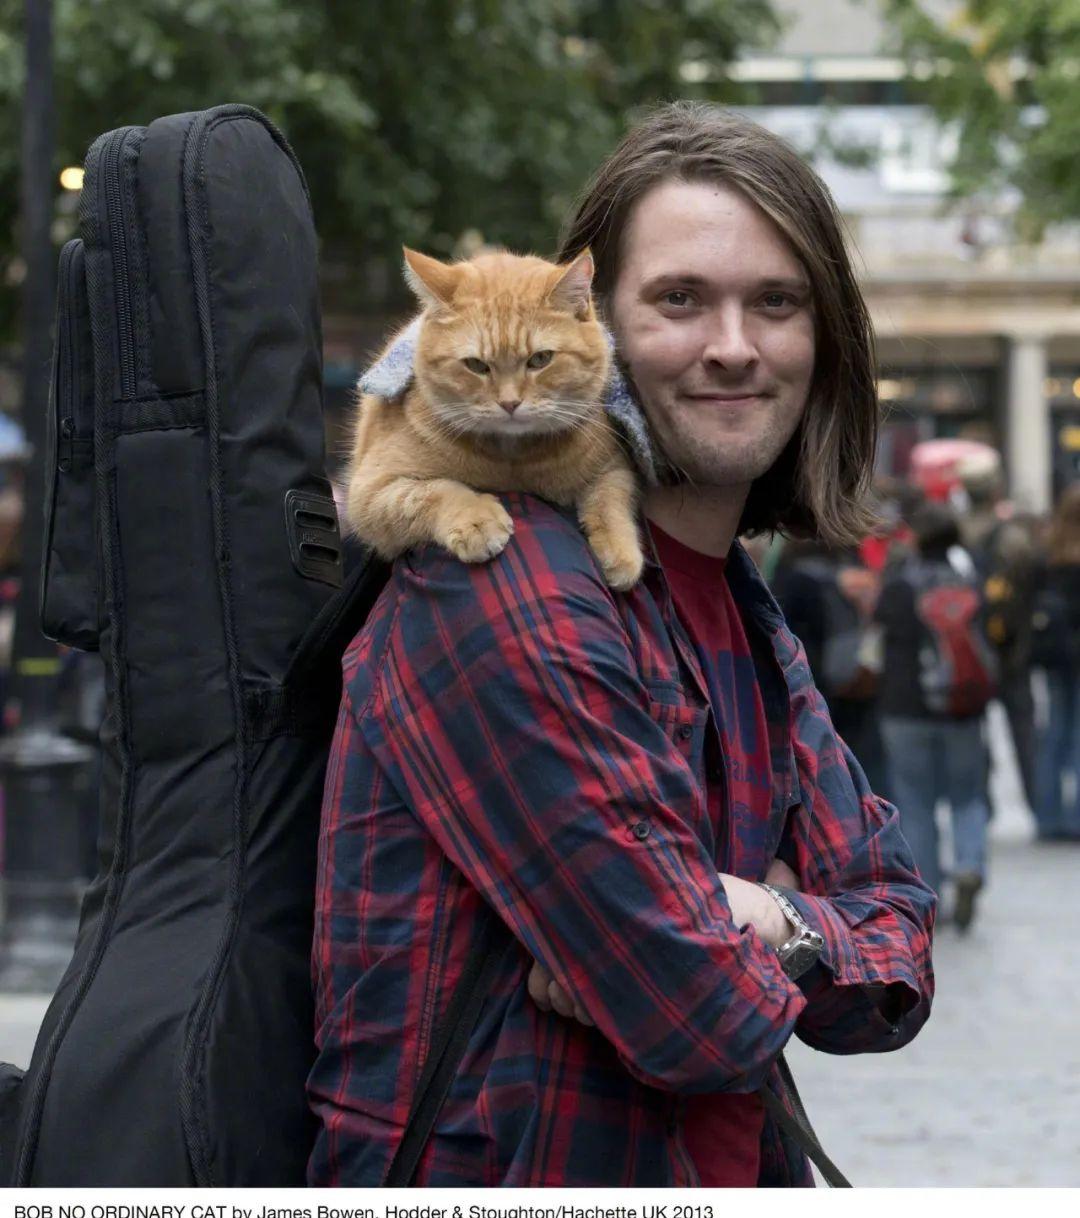 新闻丨天啊,流浪猫鲍勃去世